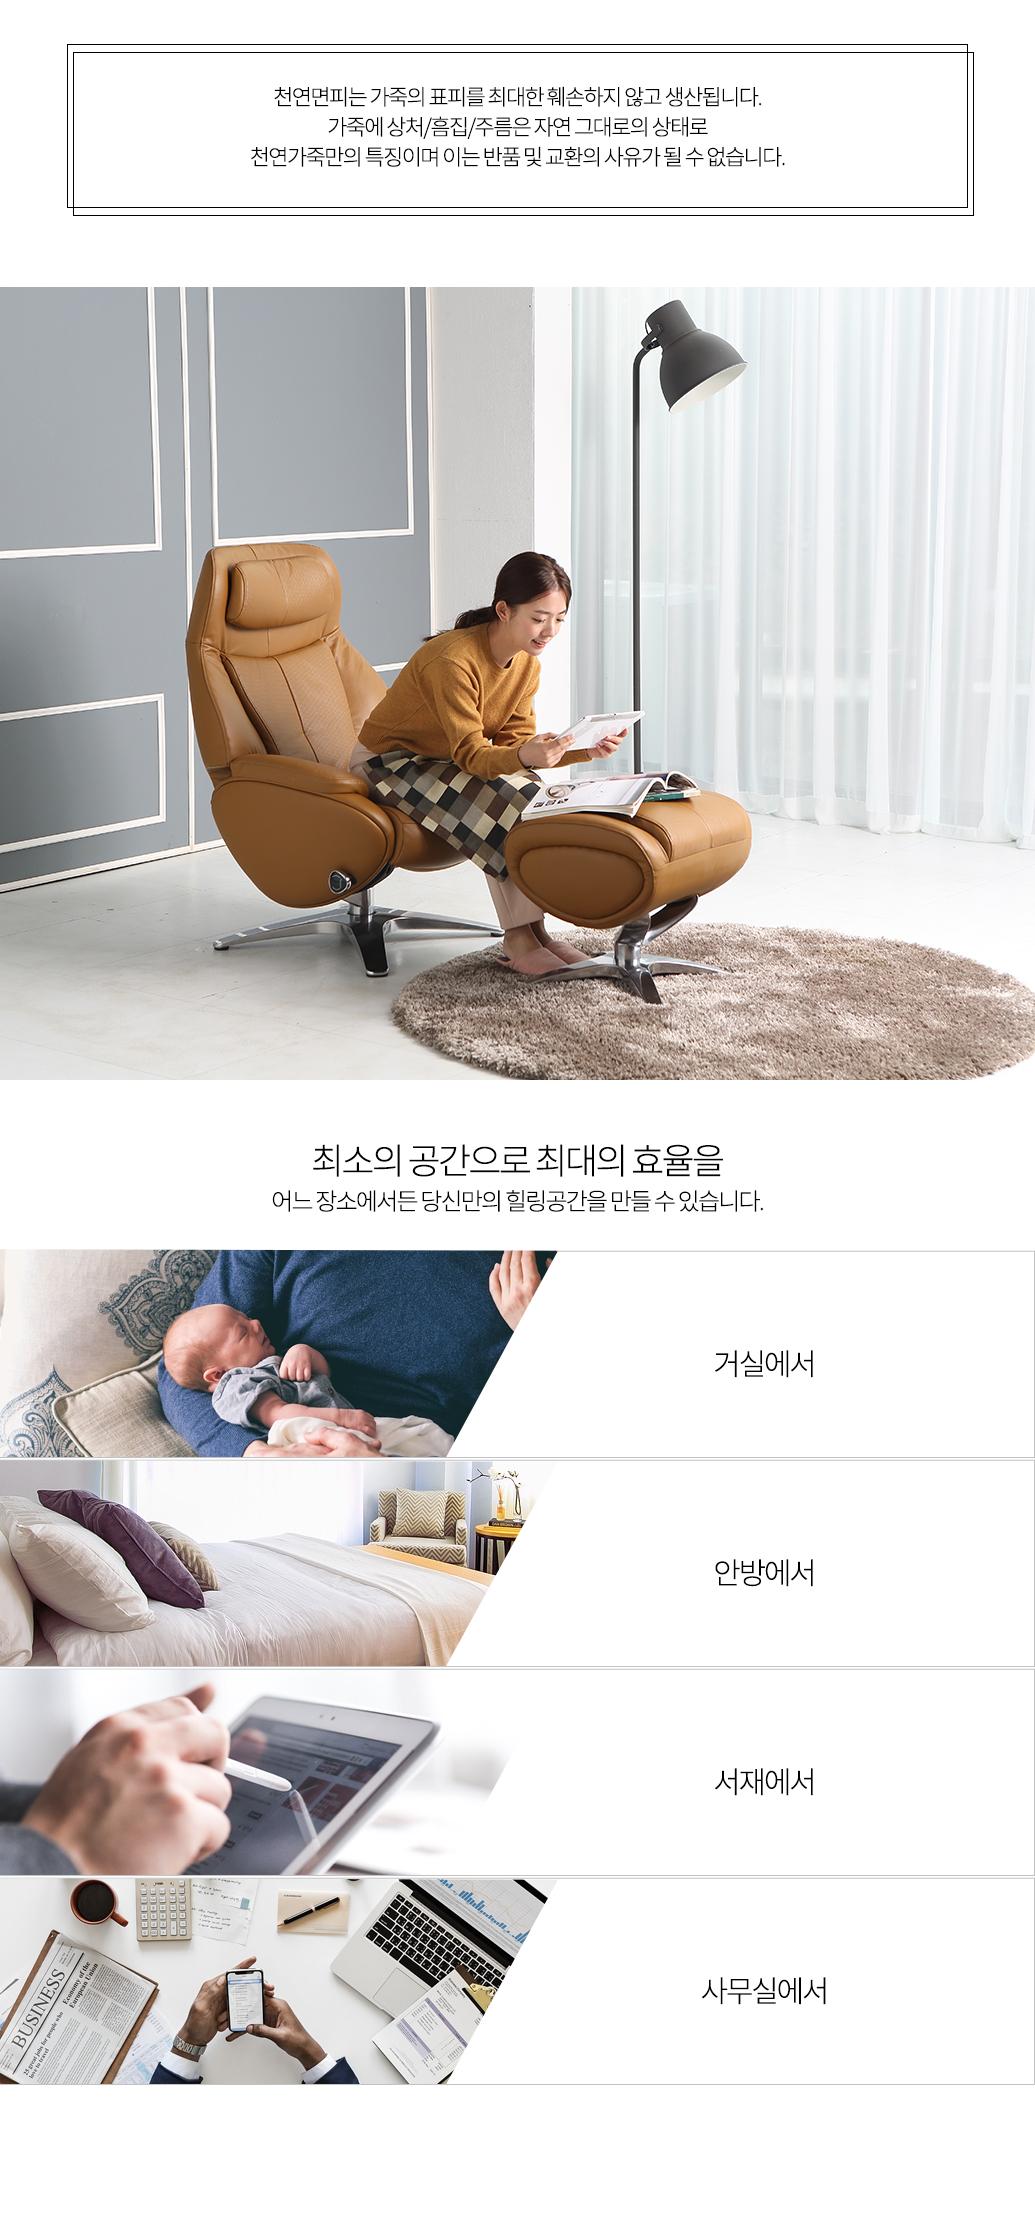 comfort_09.jpg